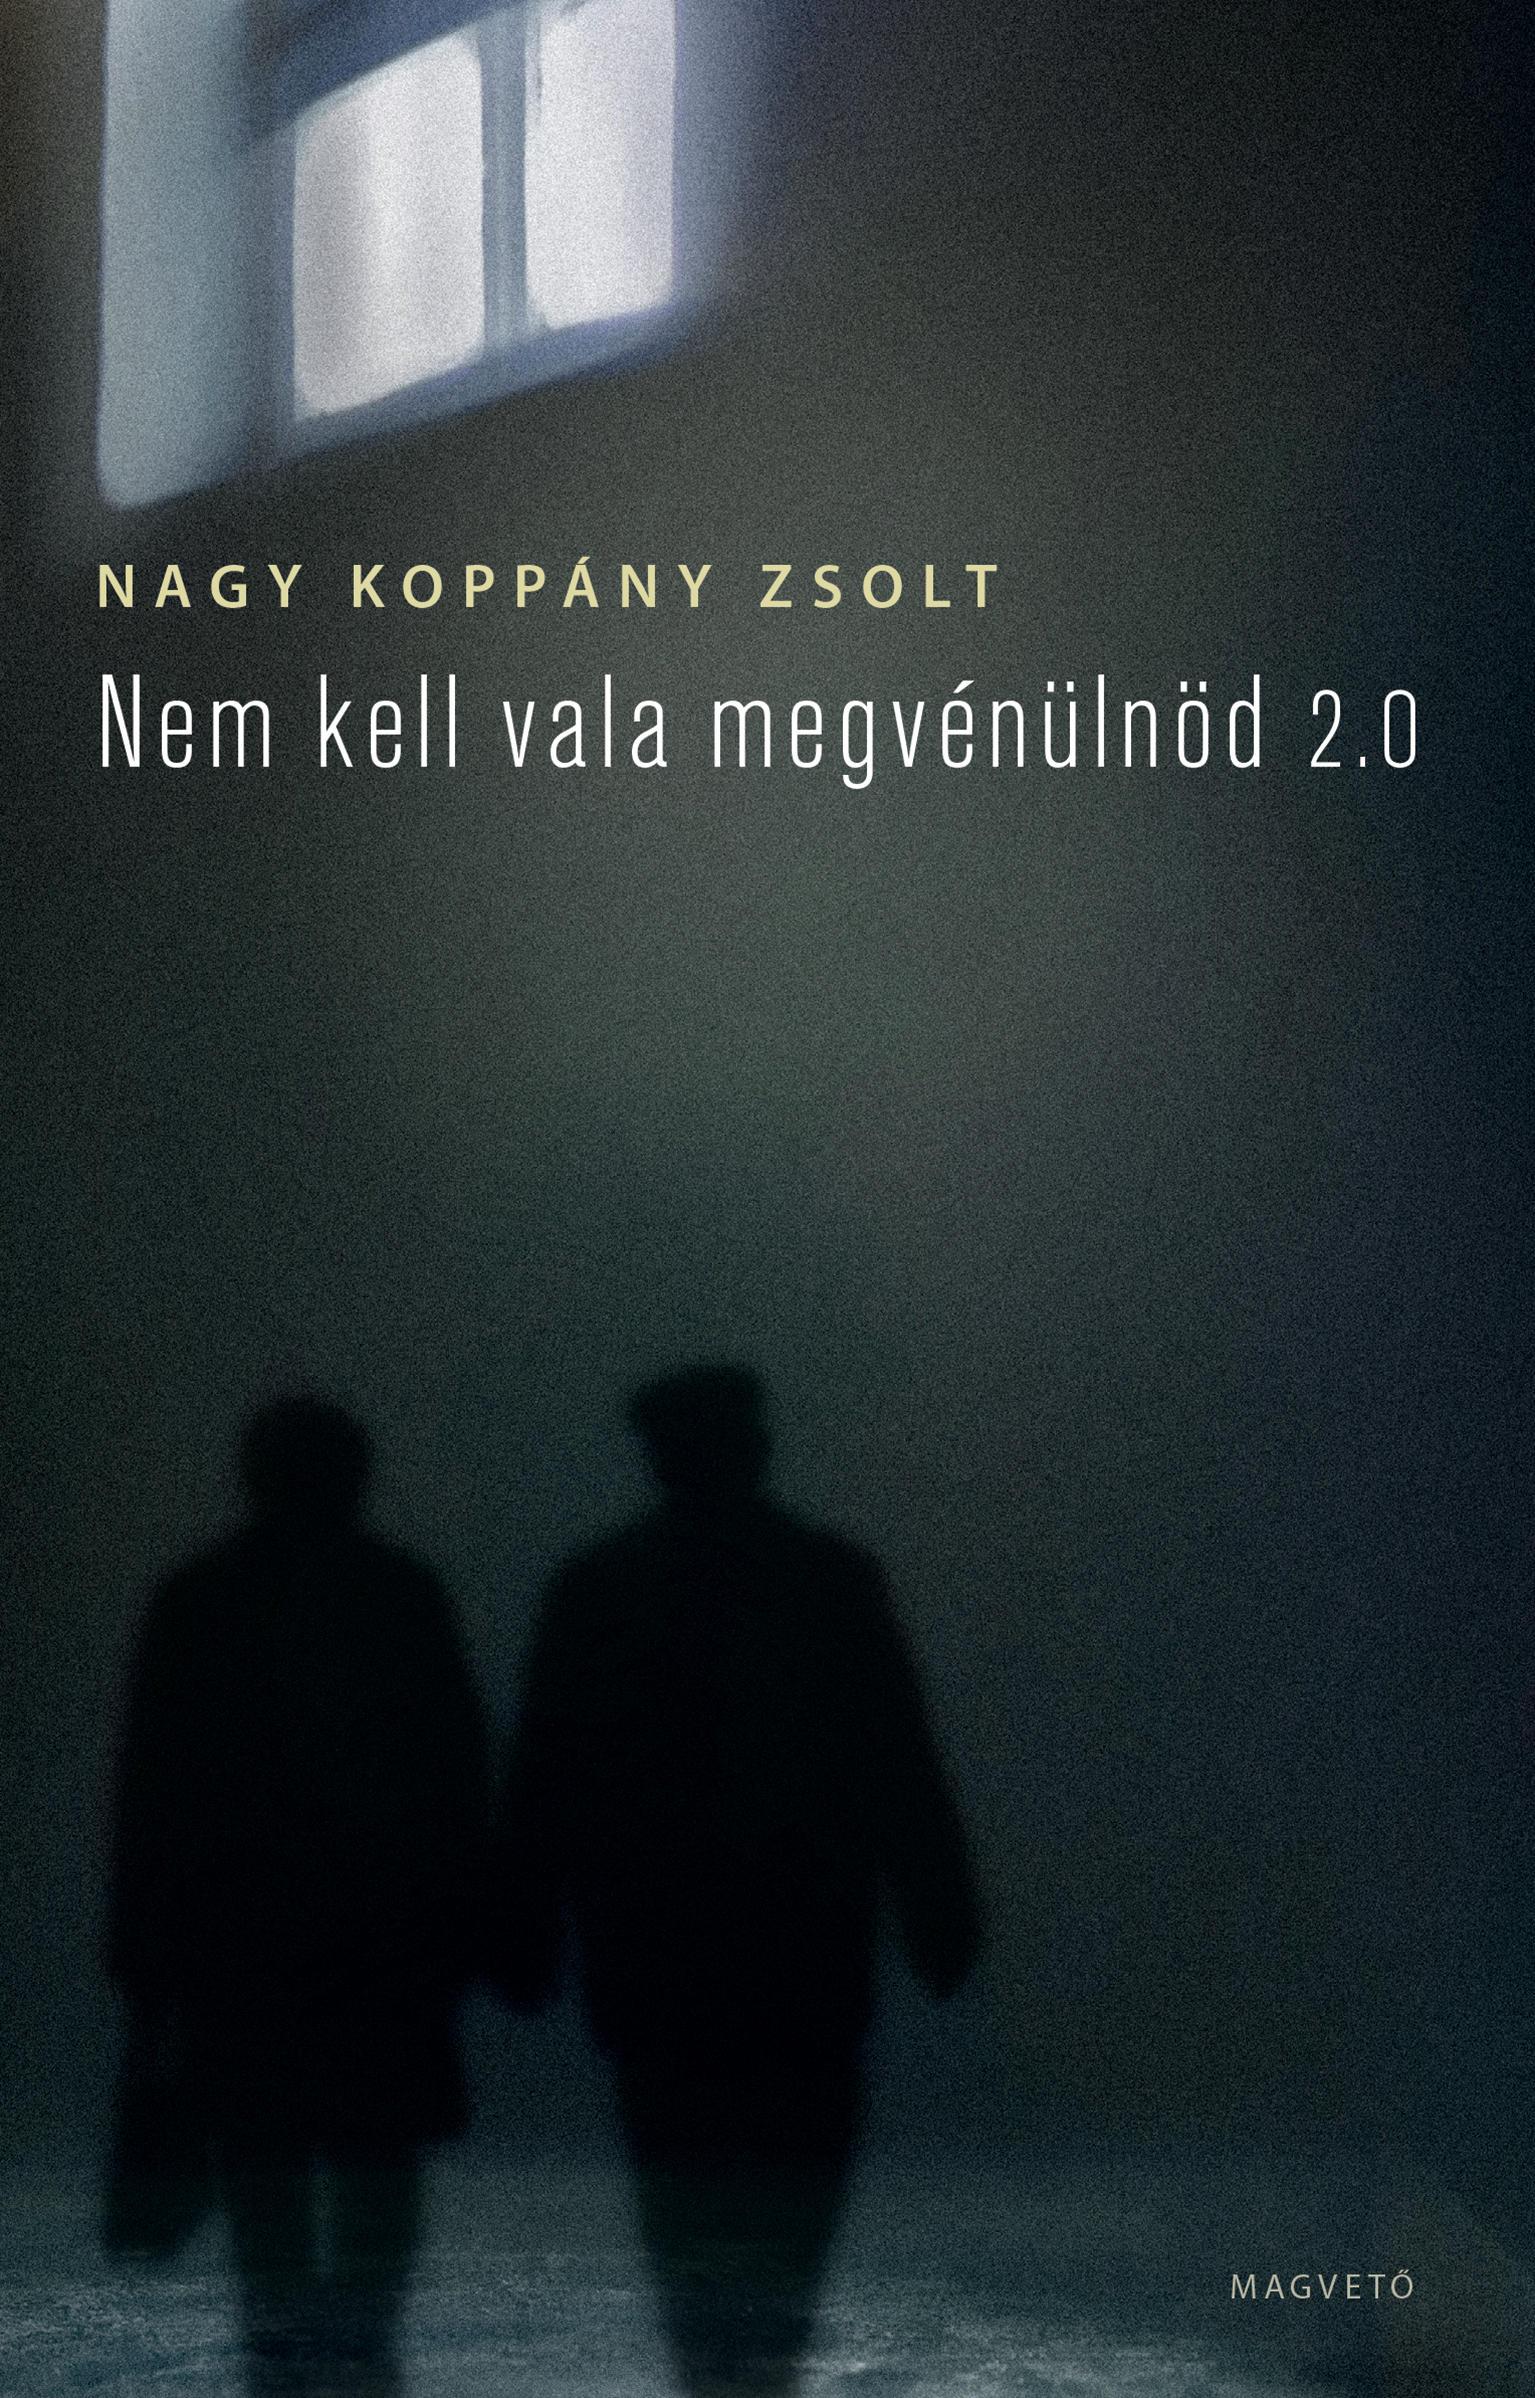 nkzs_nem_kell_vala_web